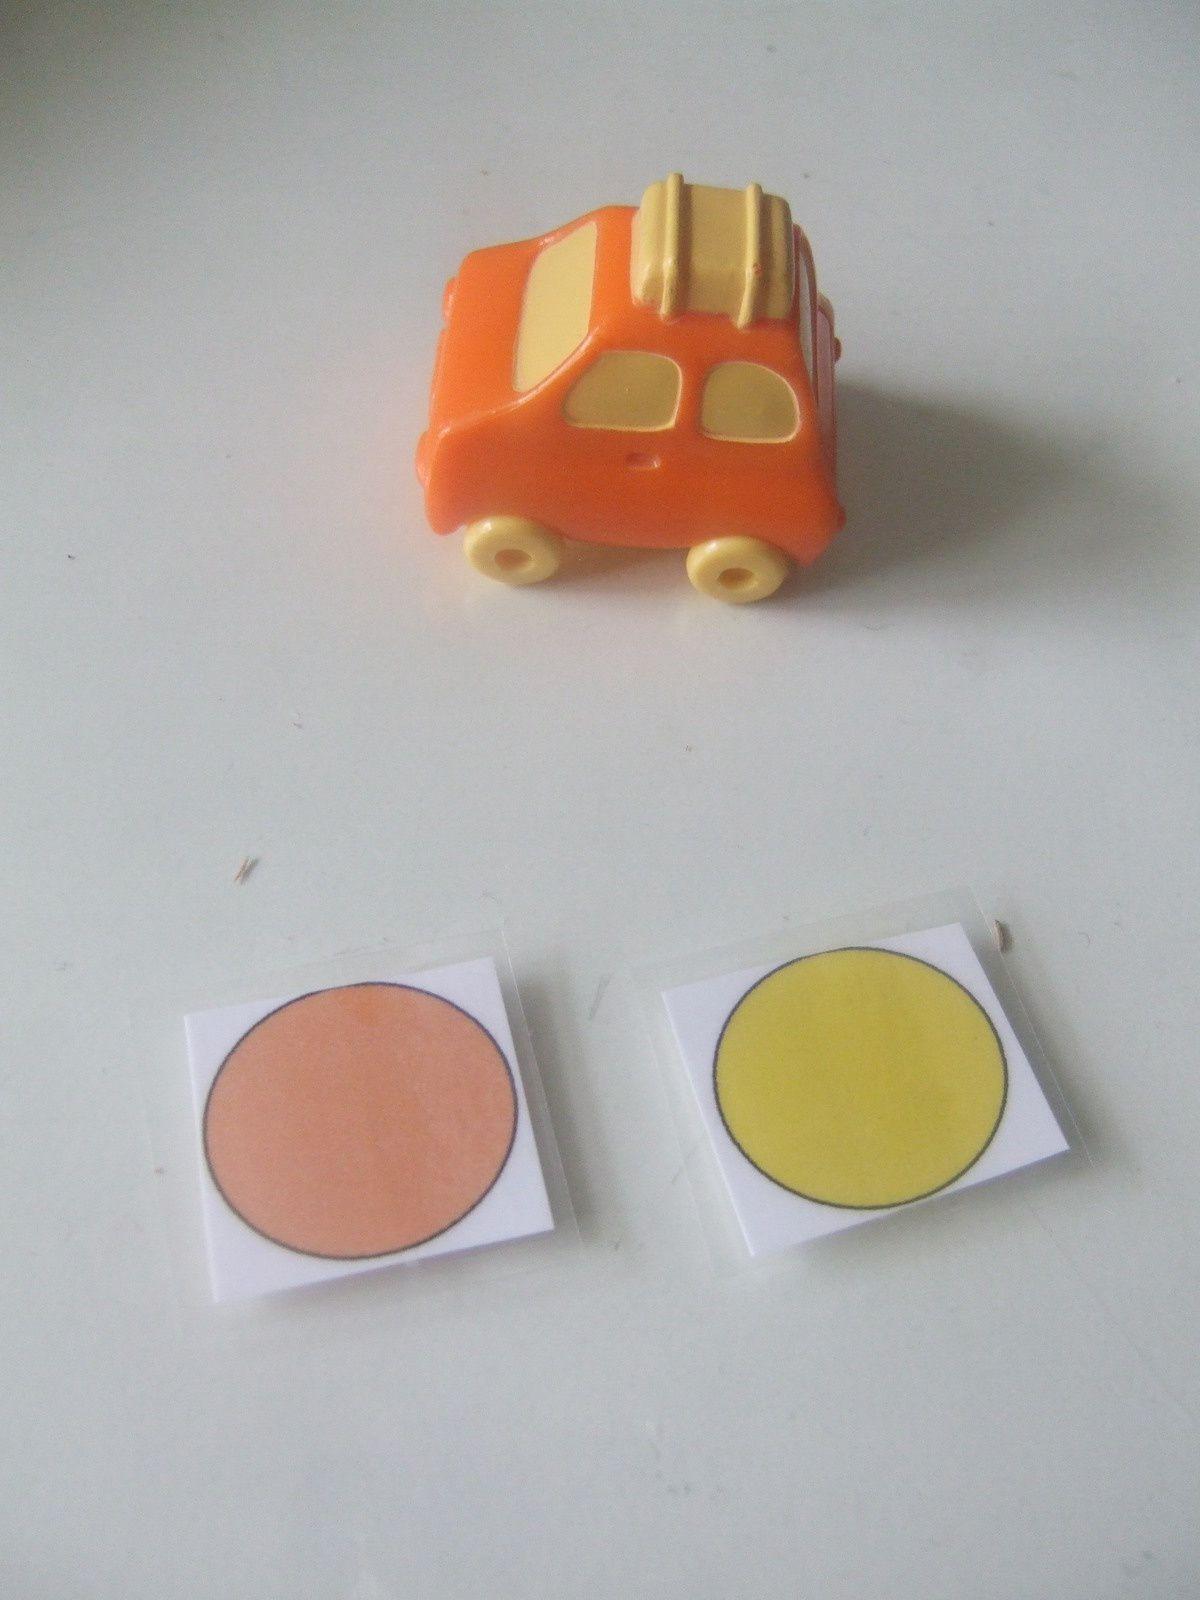 discrimination visuelle : trouver et nommer les différentes couleurs d'un seul objet